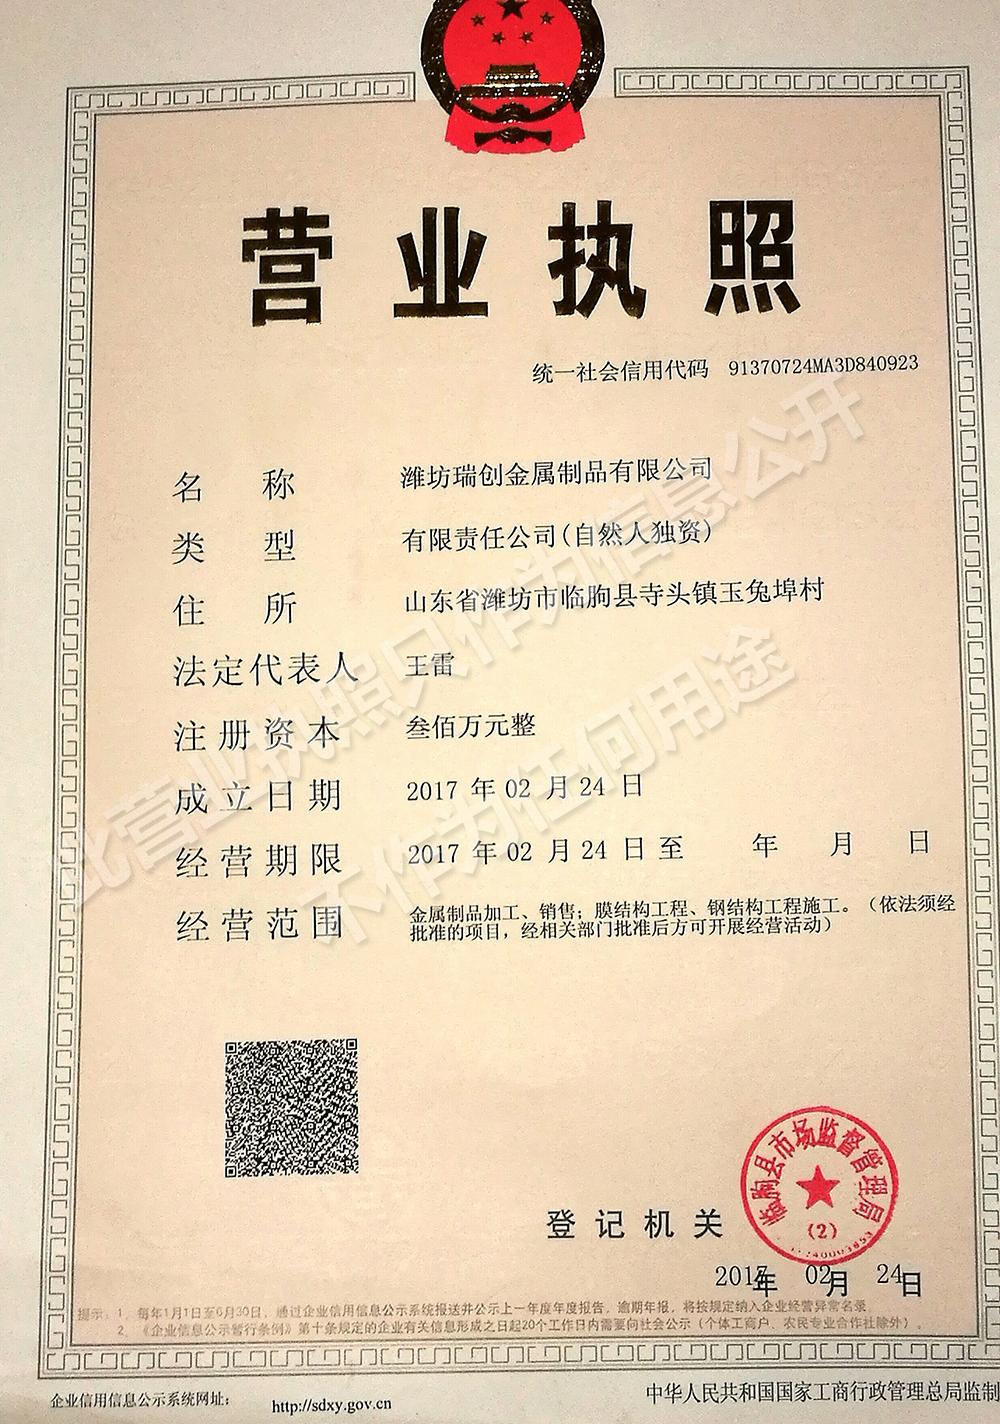 潍坊瑞创金属制品有限公司www.wfrcjs.com1.jpg